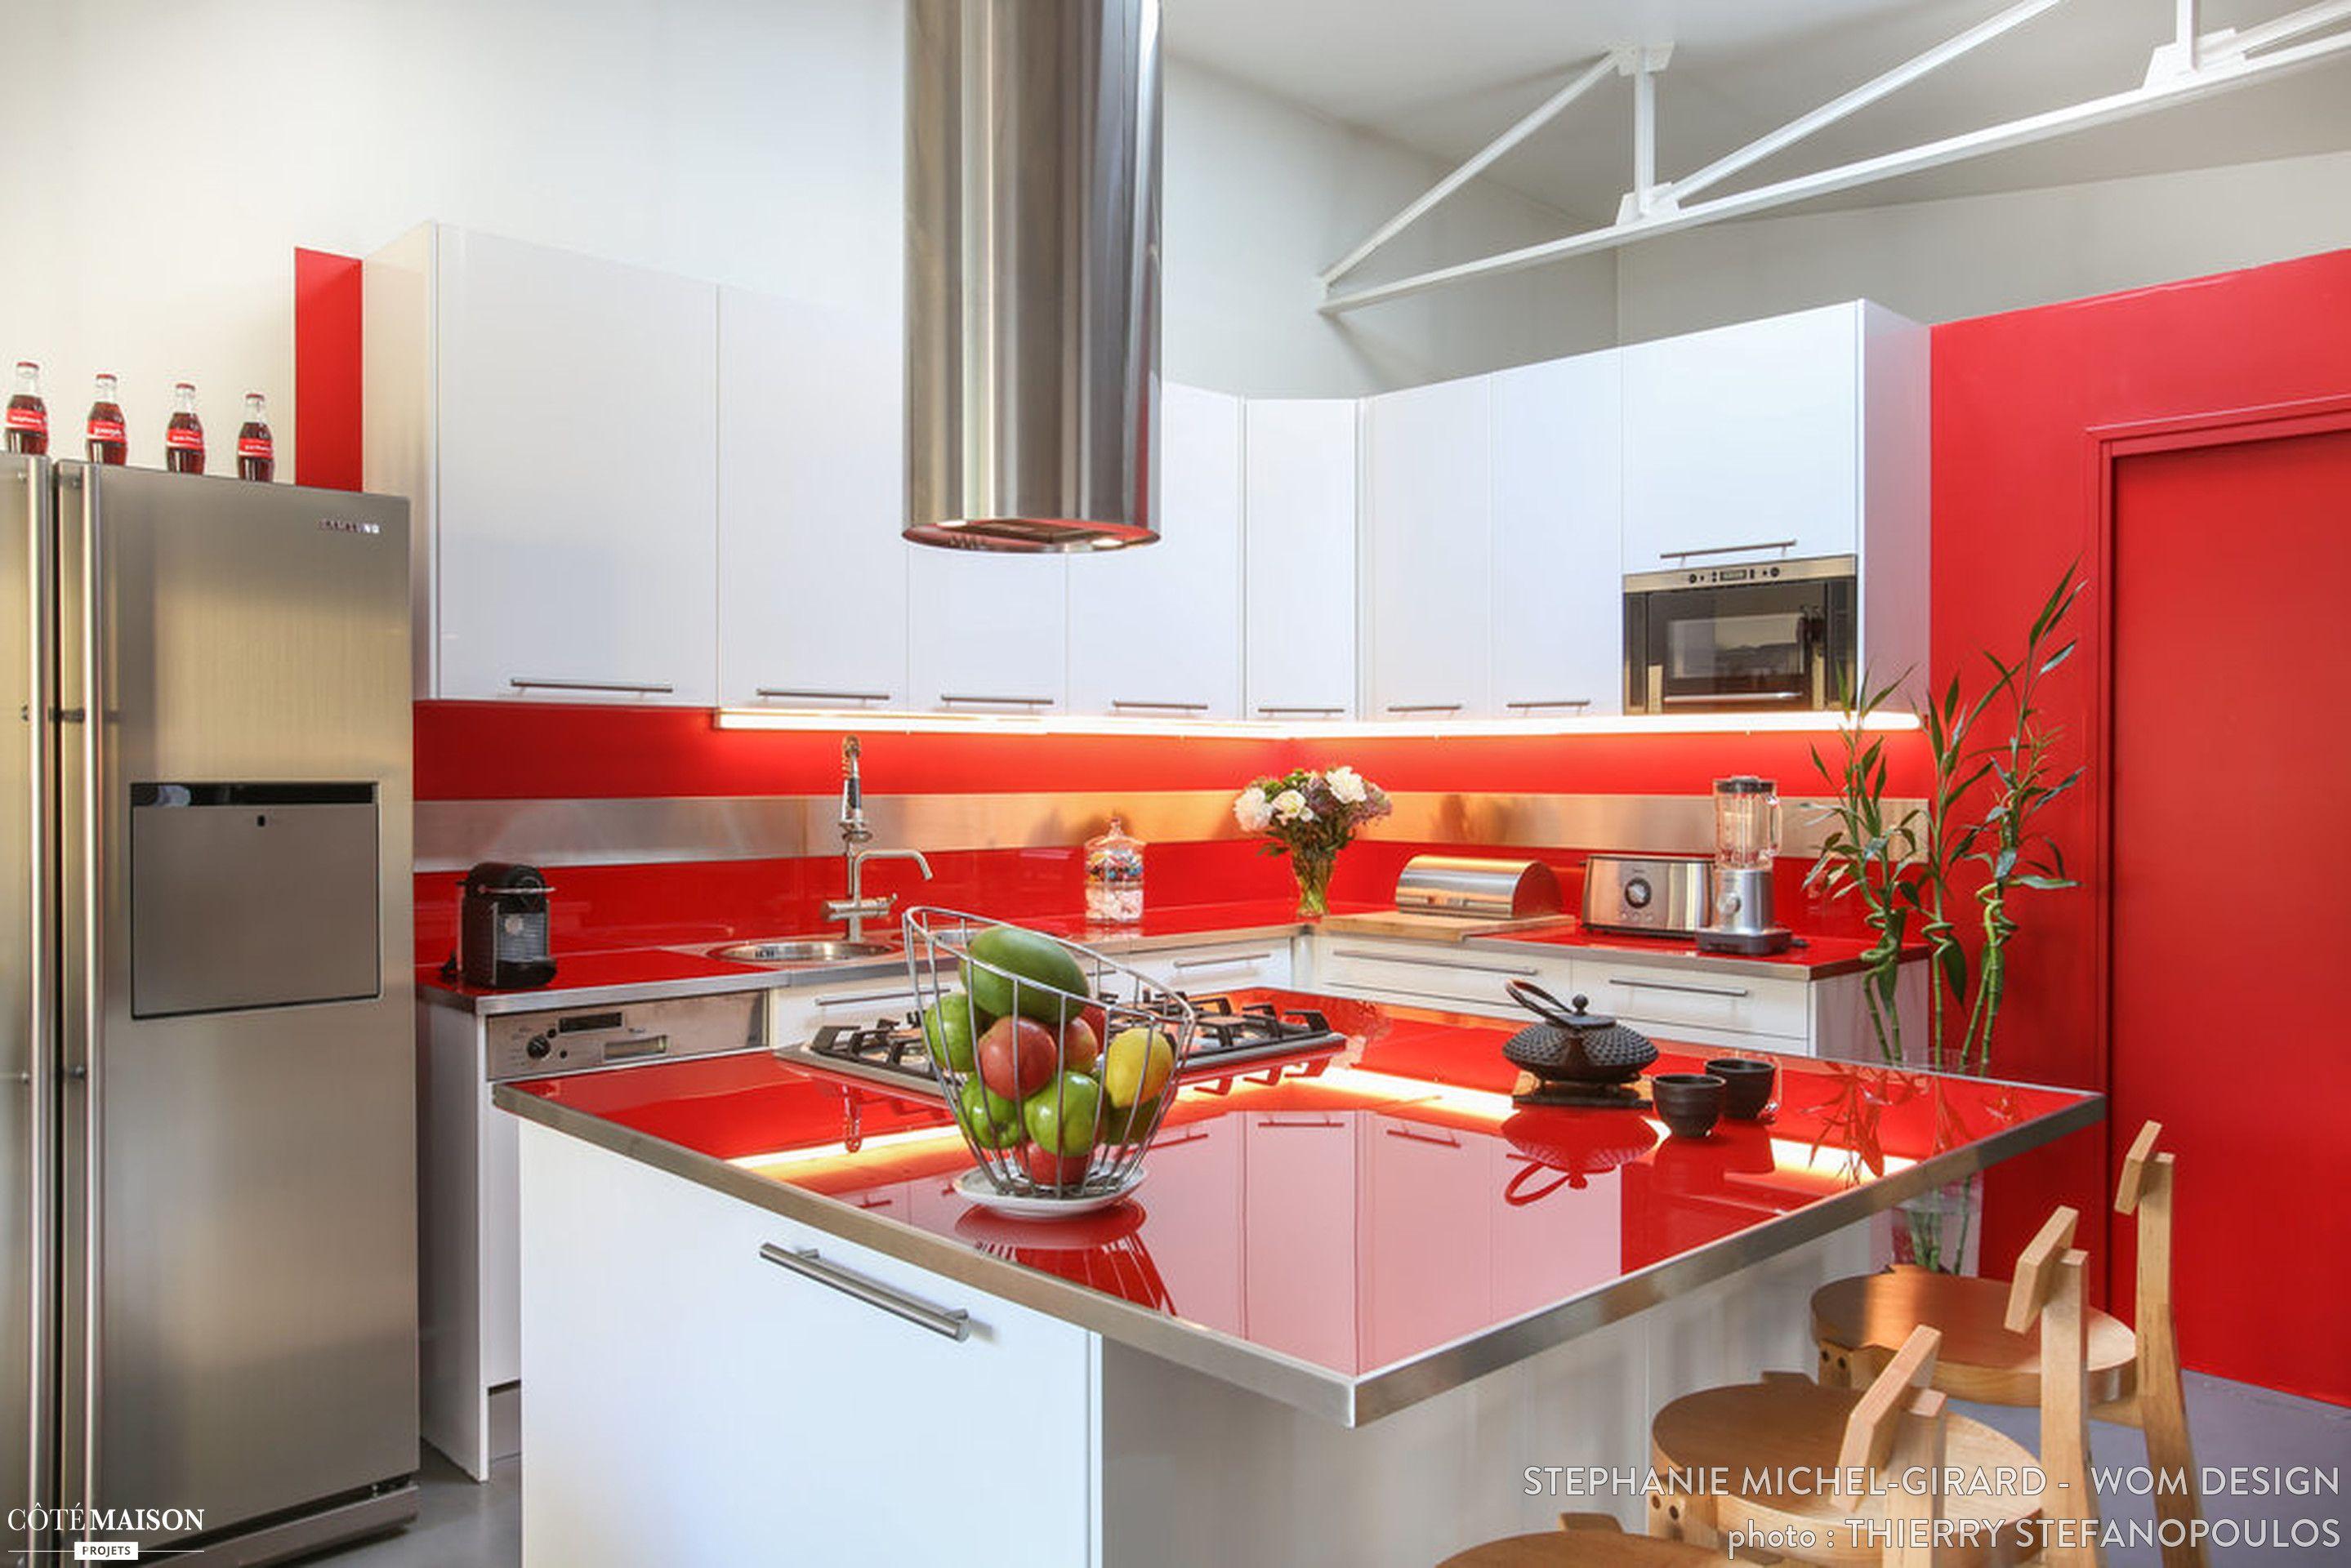 Une cuisine moderne de type industriel avec couleur forte - Cuisine en bois avec beton pierre metal ...